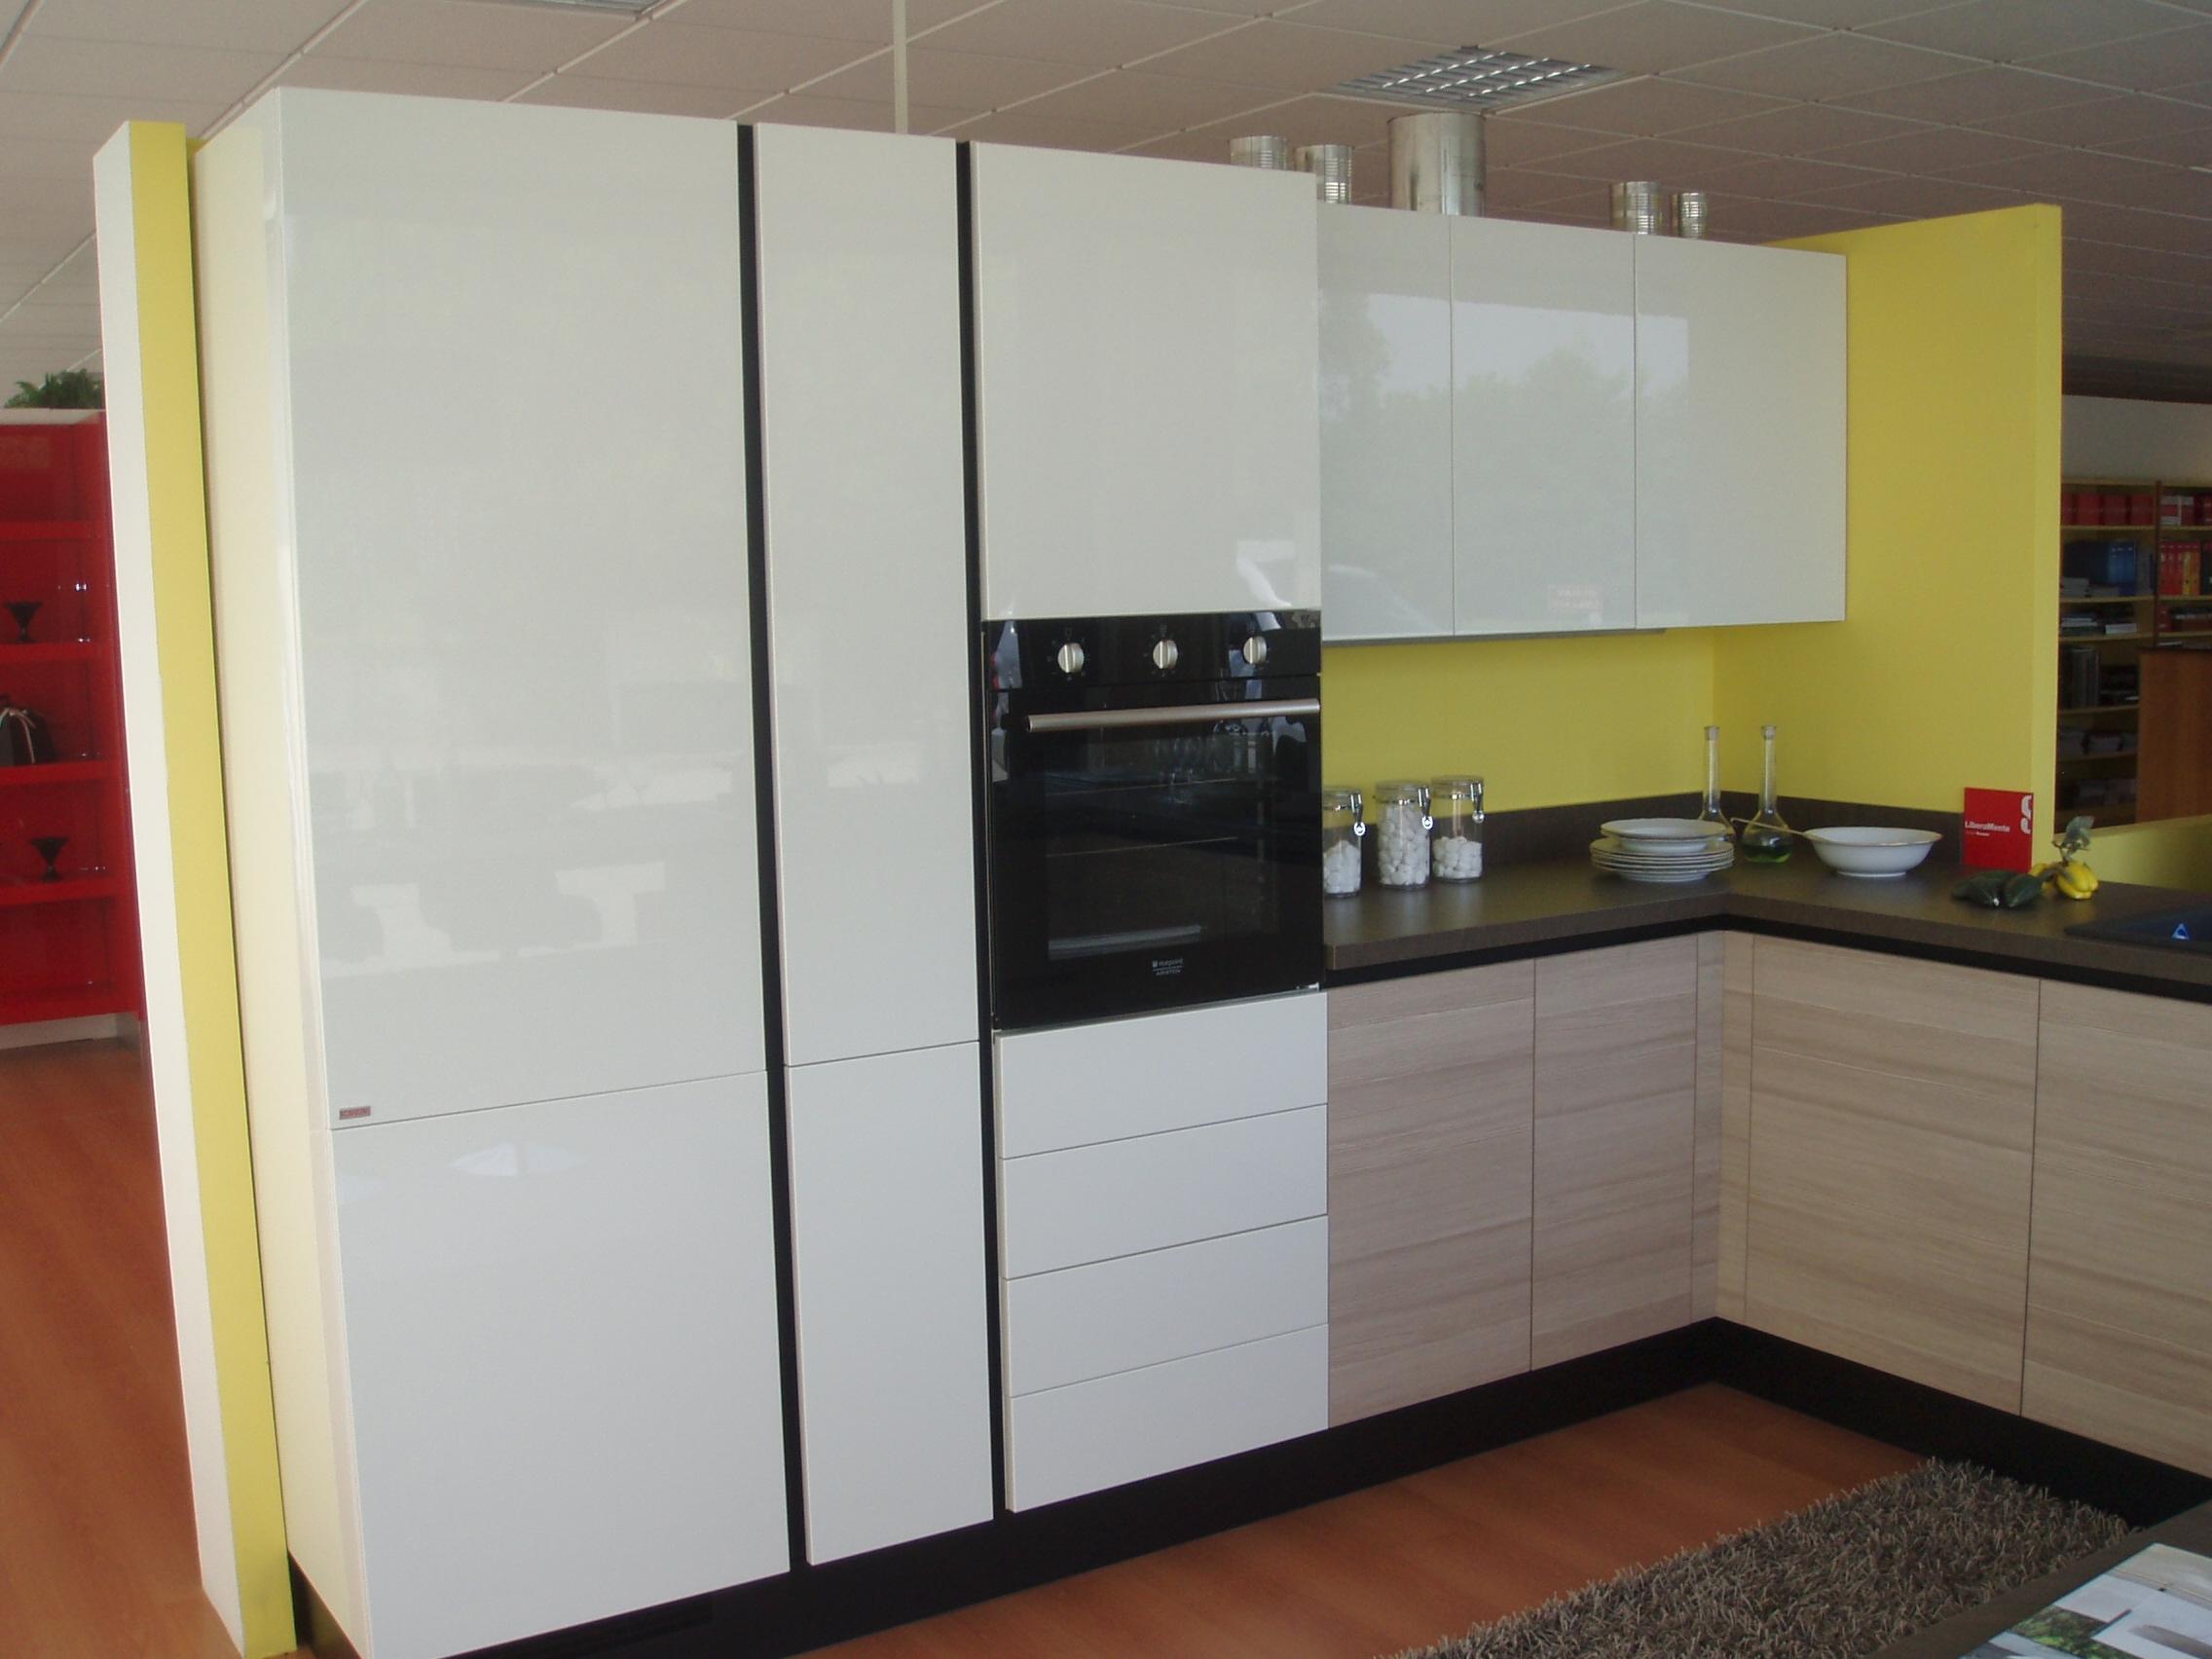 cucina liberamente - 28 images - cucina liberamente sito ufficiale ...